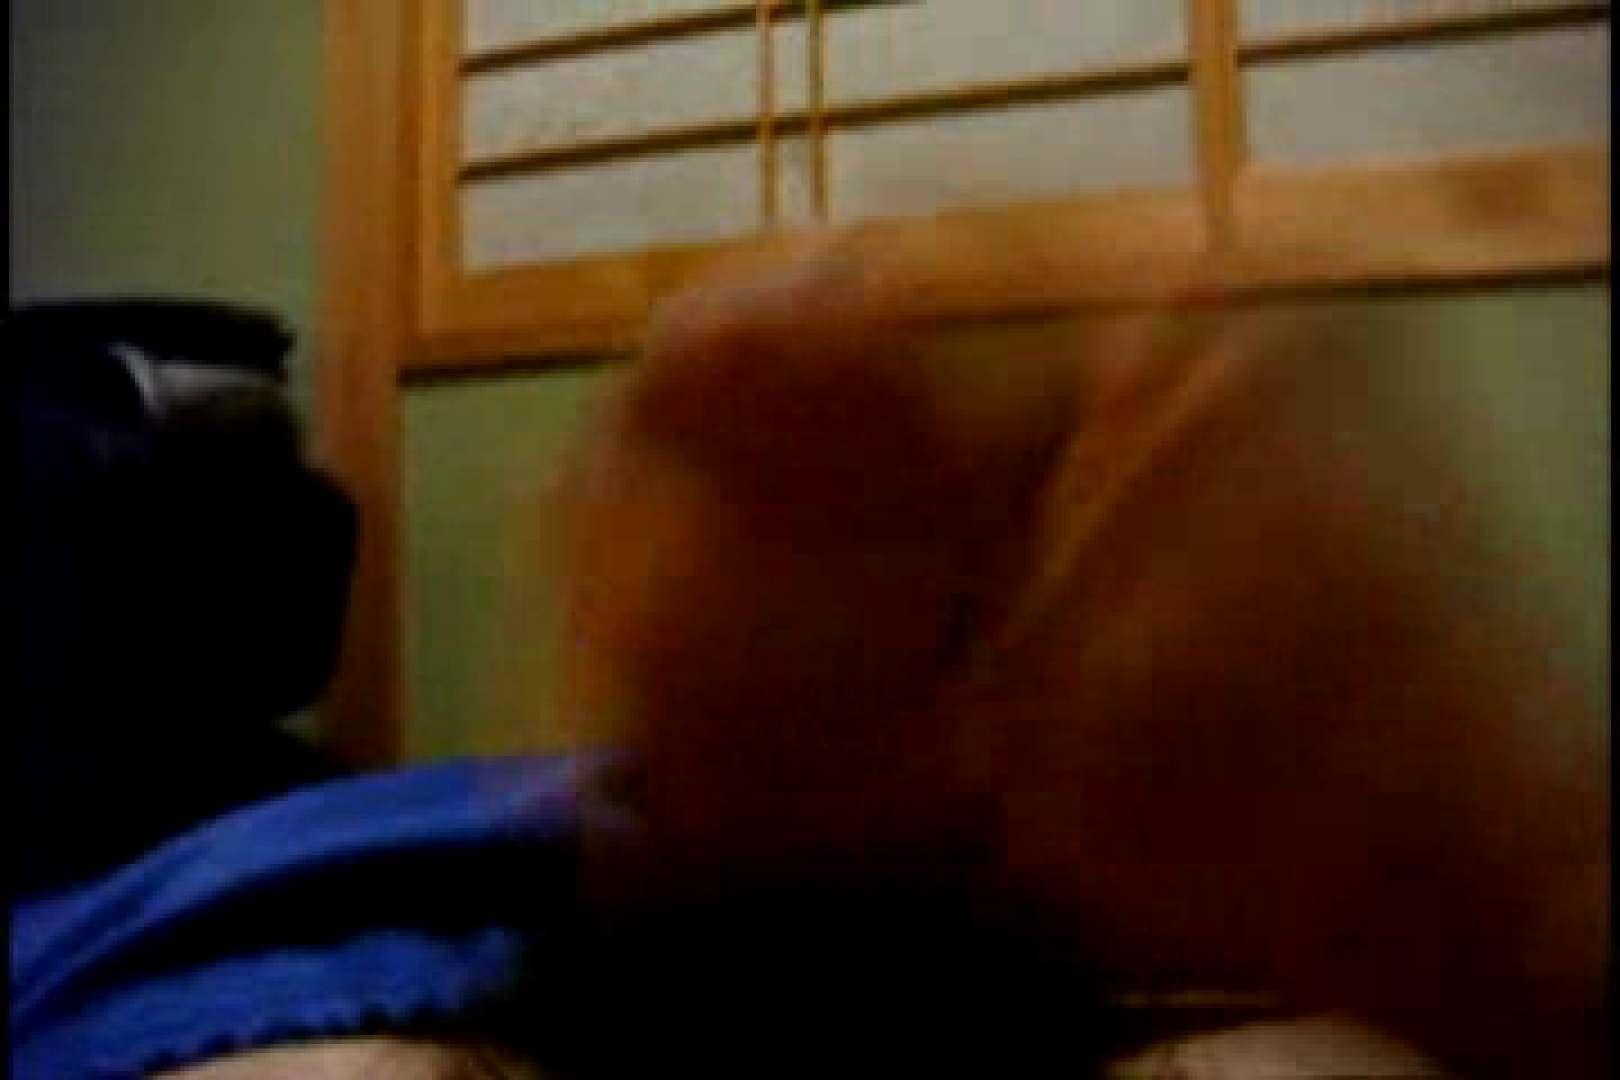 オナ好きノンケテニス部員の自画撮り投稿vol.02 射精天国 ゲイエロ動画 89pic 39